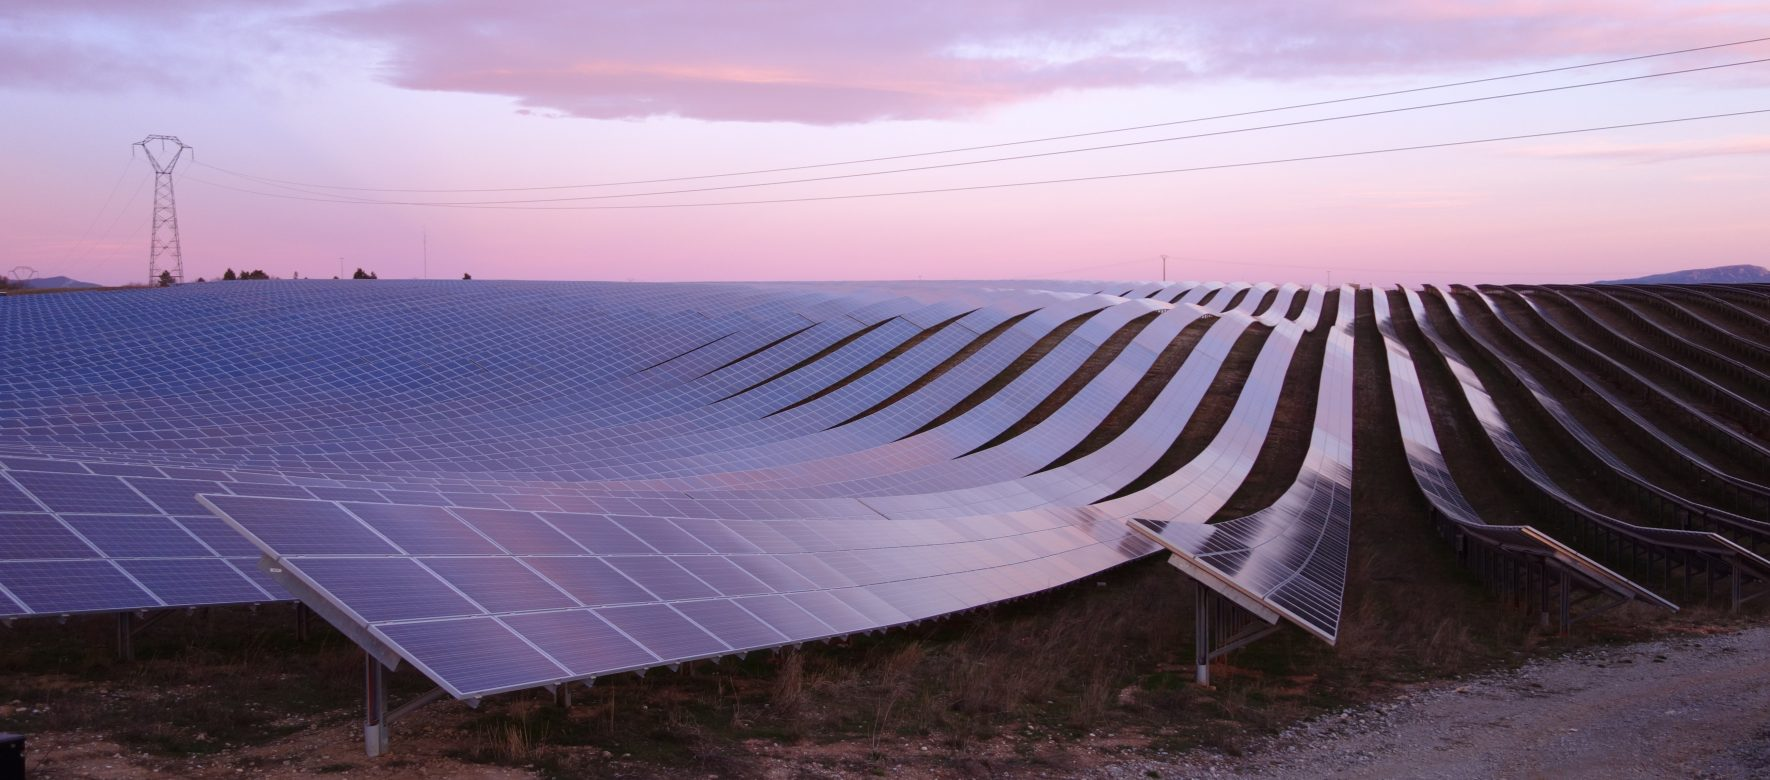 En Algérie, l'américain General Electric veut prendre part à la construction de centrales solaires